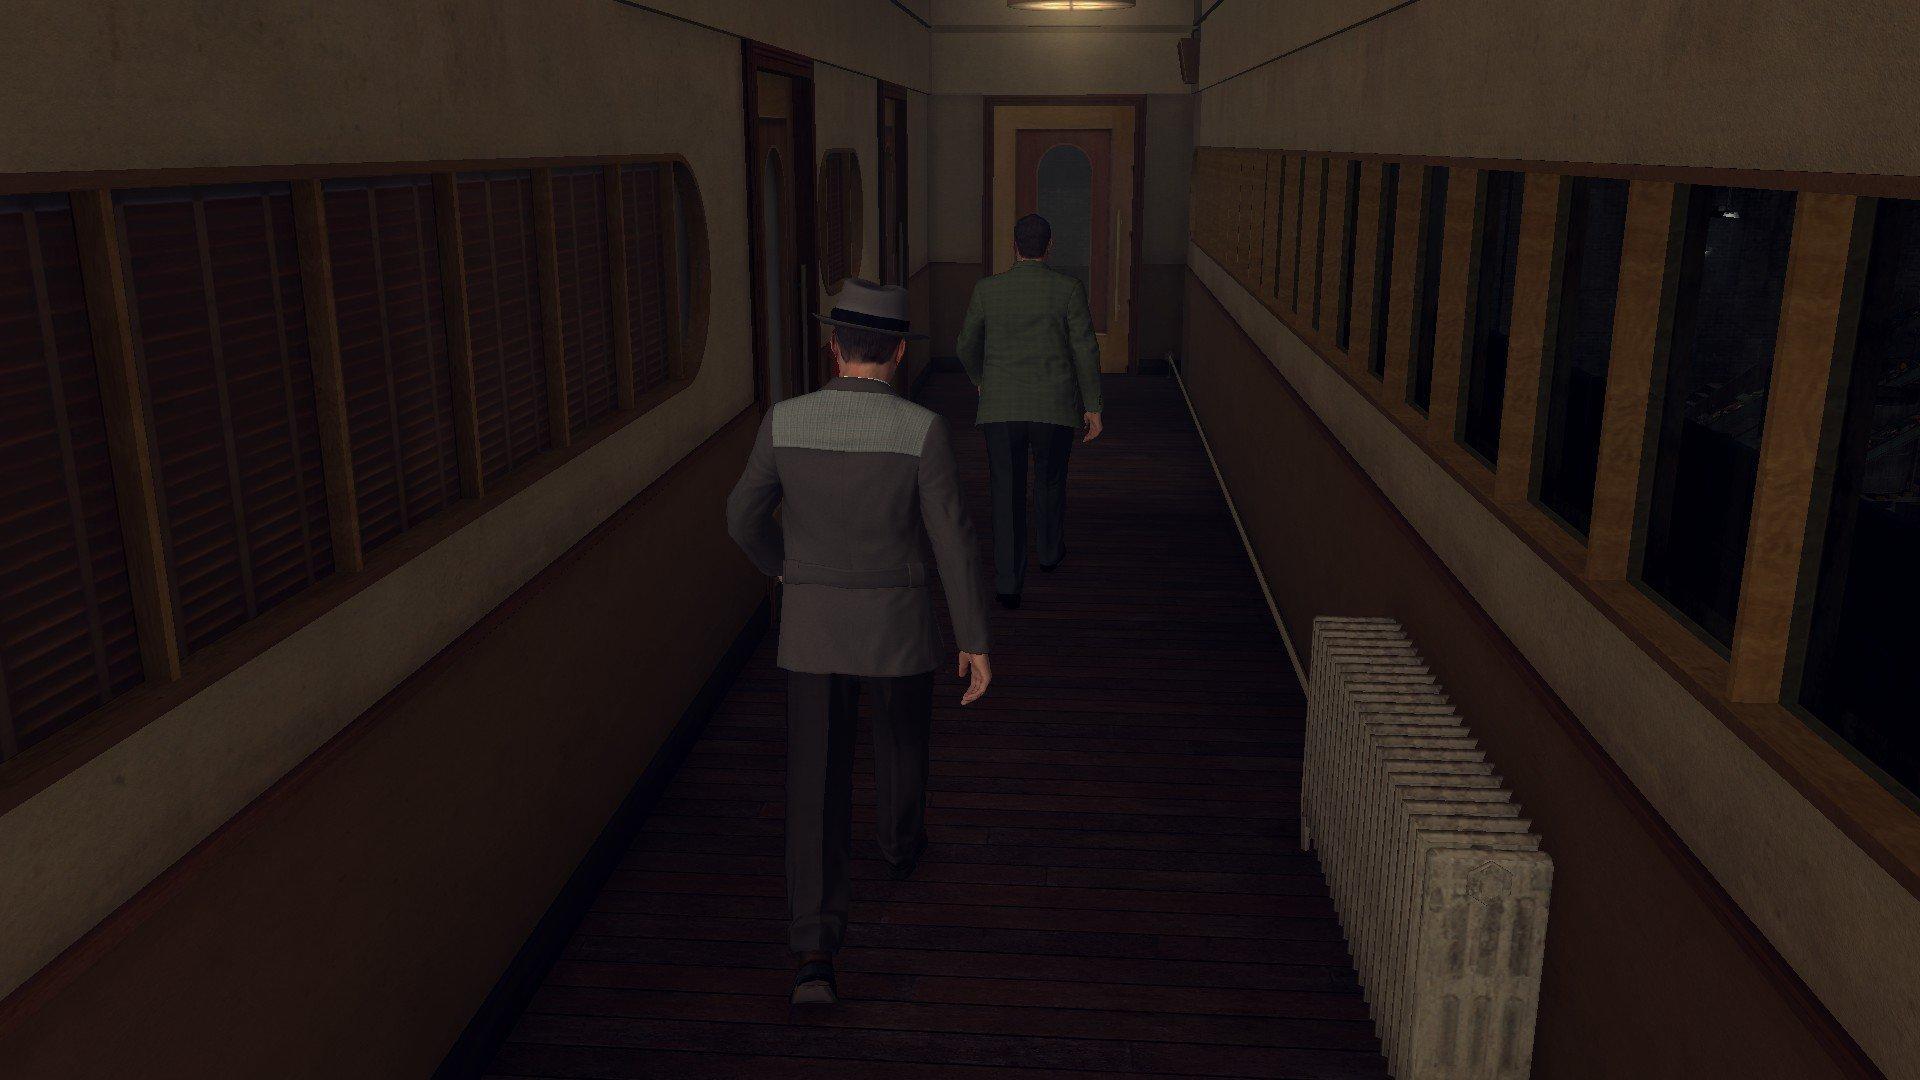 Пост-прохождение L.A. Noire Часть 15. - Изображение 33